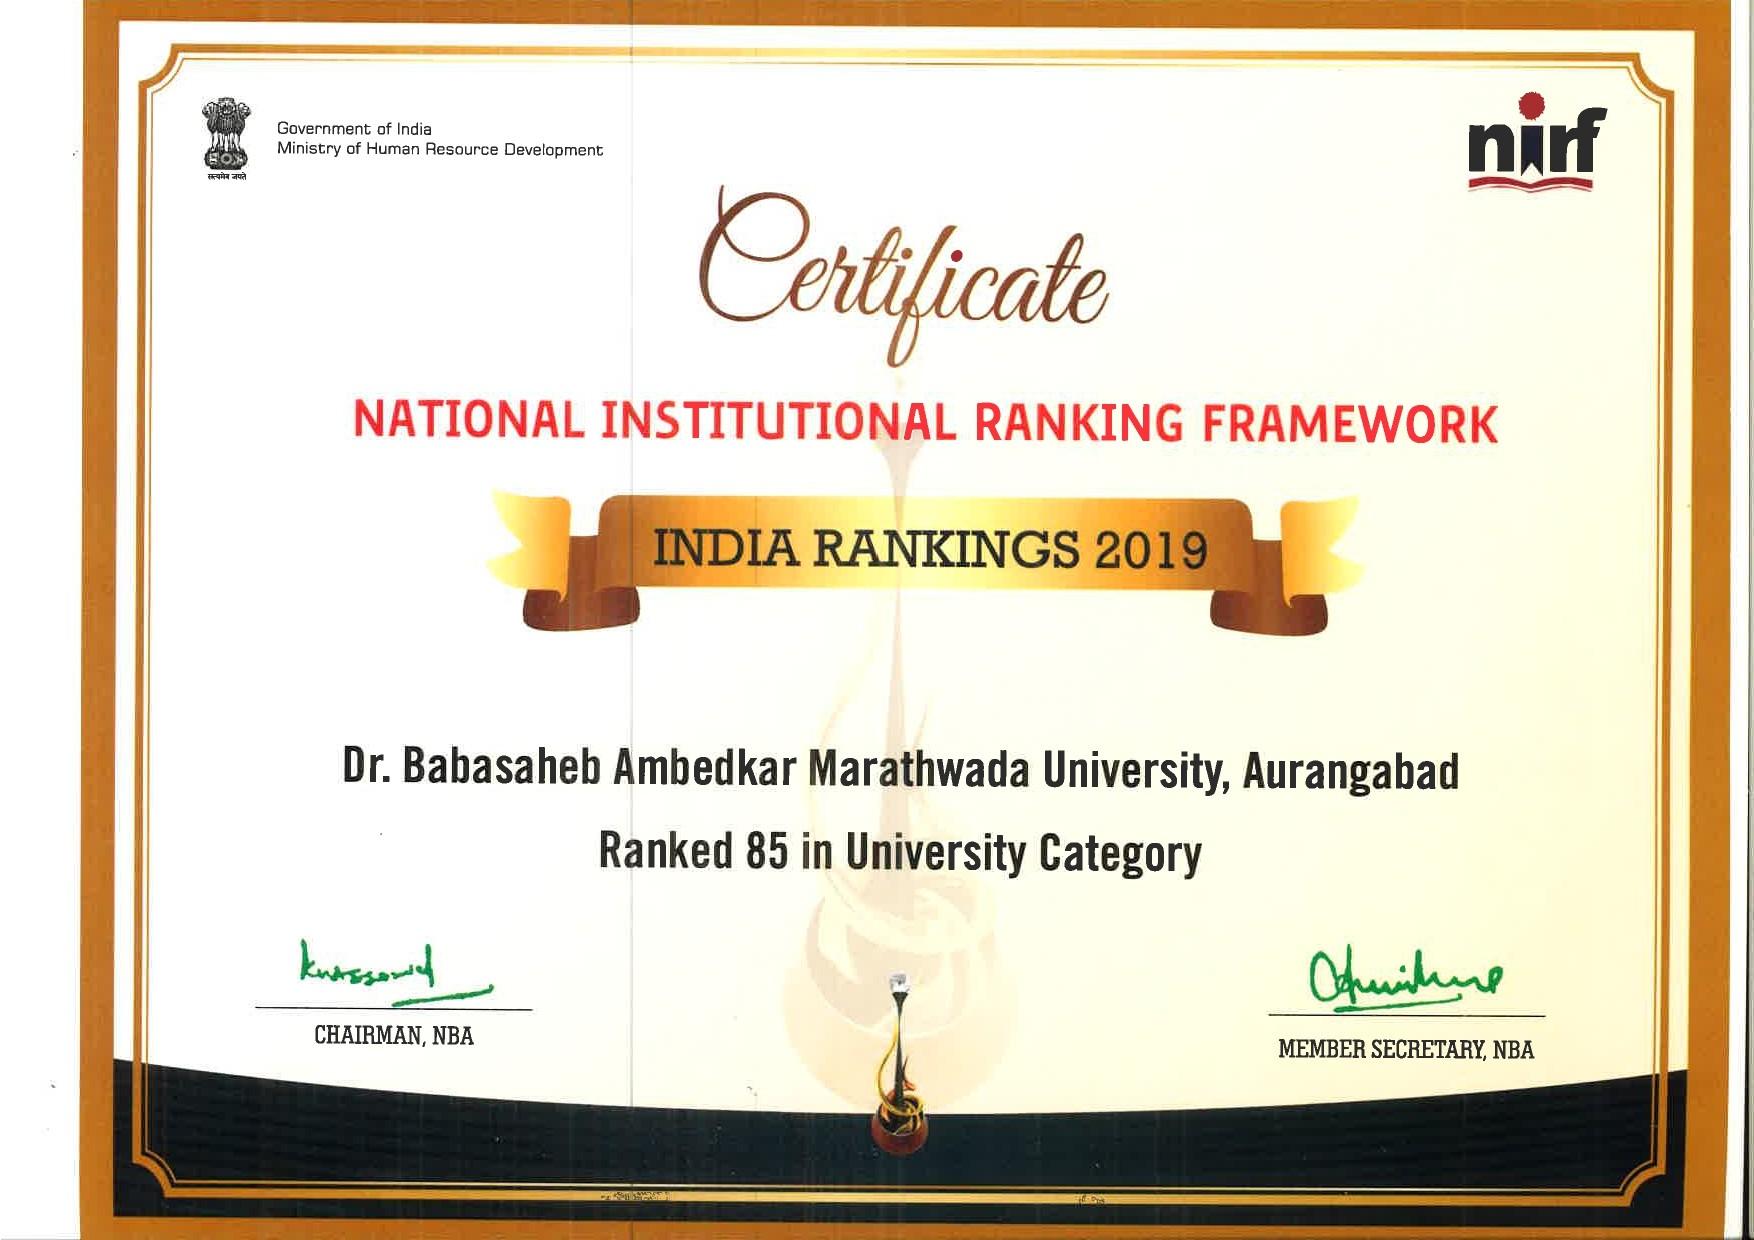 Dr  Babasaheb Ambedkar Marathwada University, Aurangabad